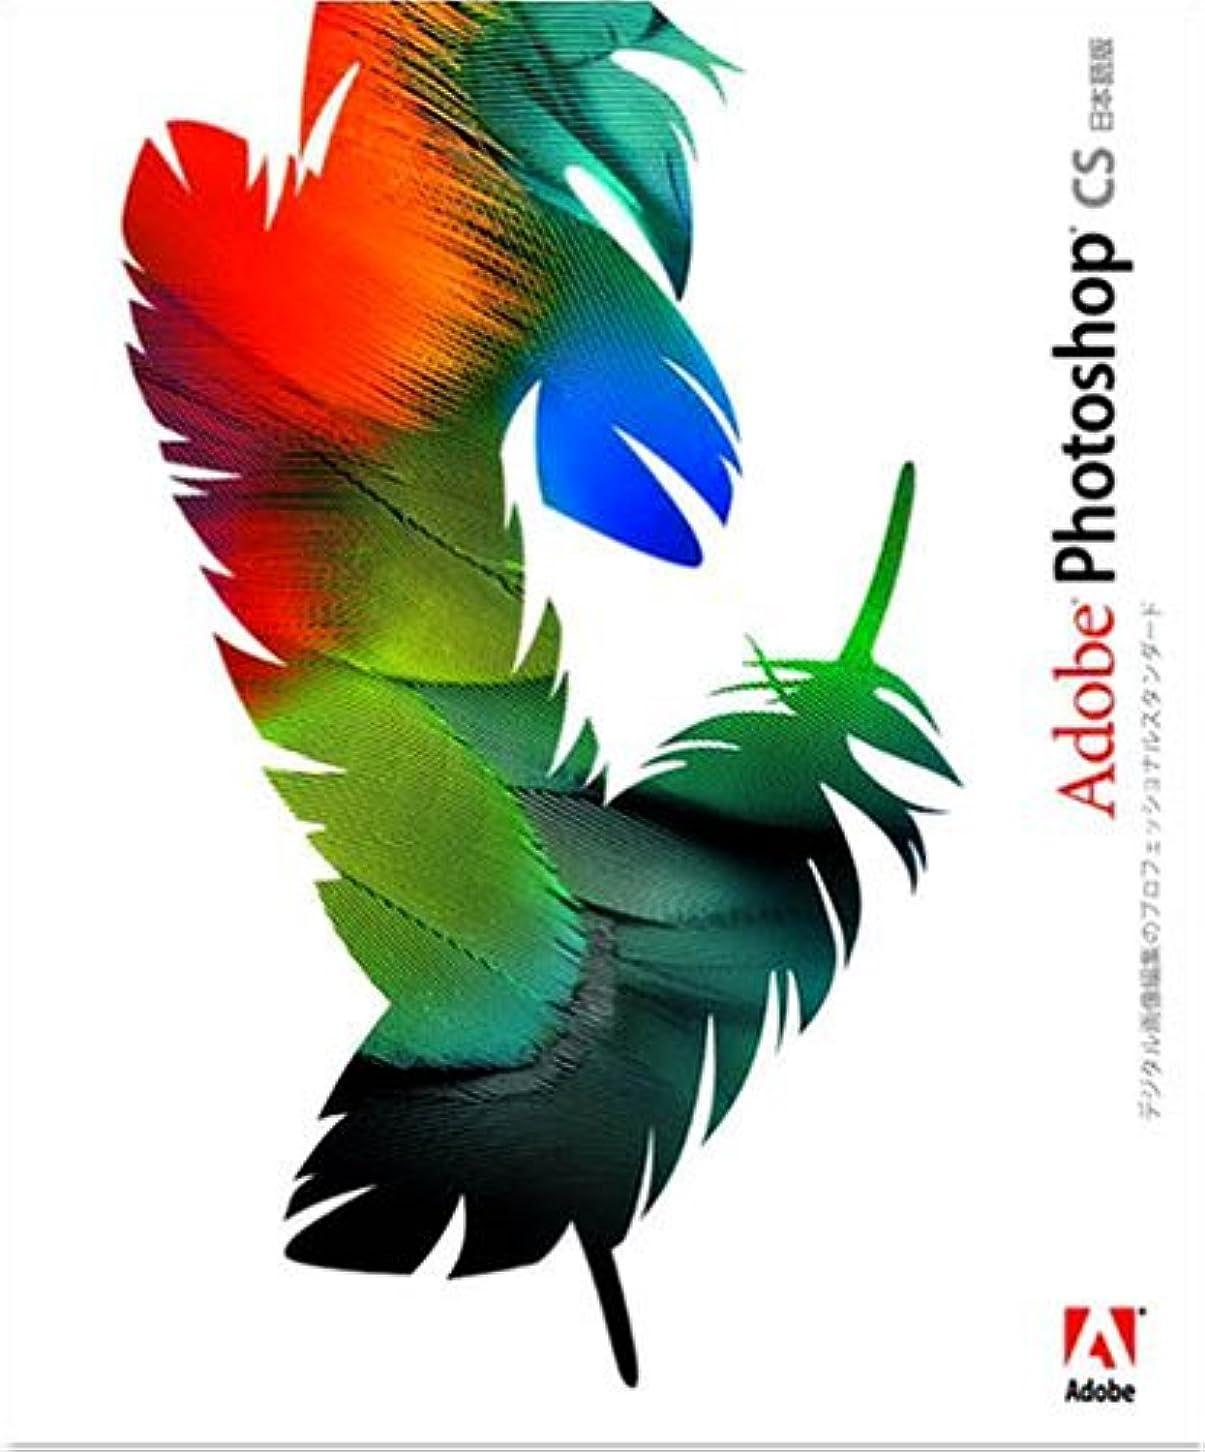 慣れる香り外観Adobe Photoshop CS 日本語版 Windows版 アップグレード版 (旧製品)